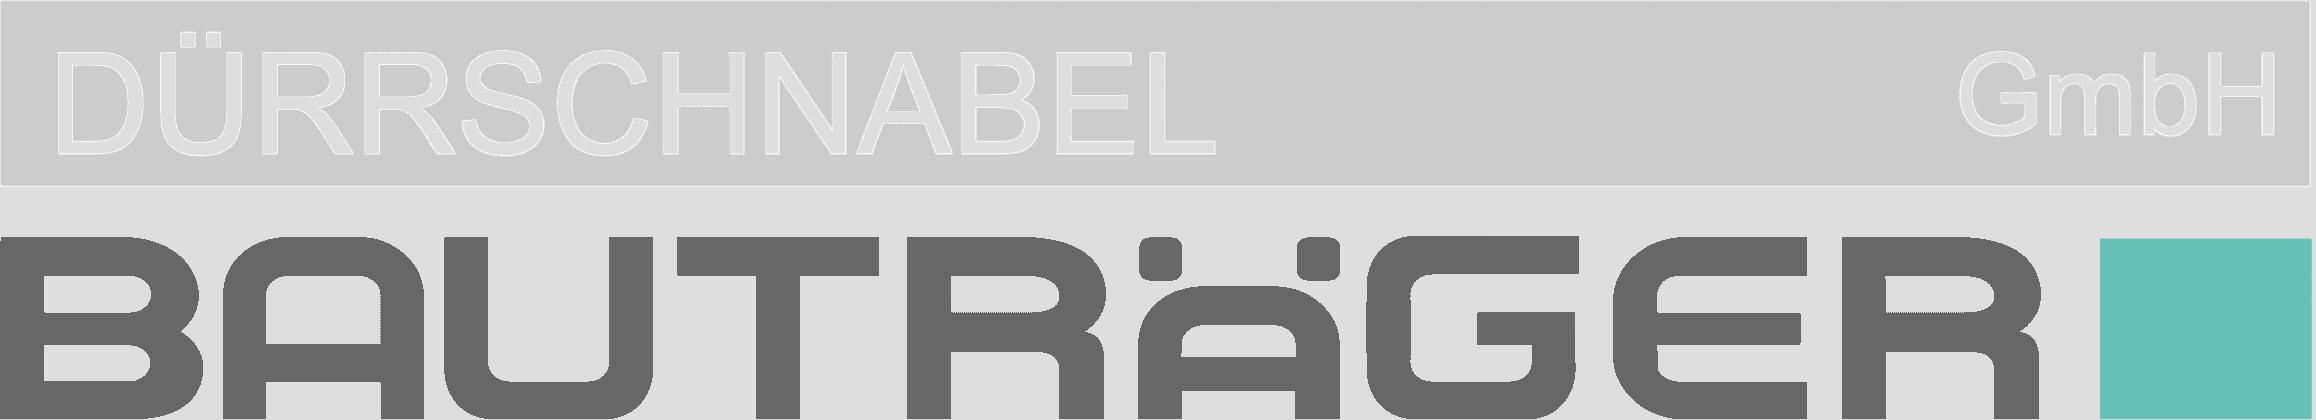 Dürrschnabel Bauträger GmbH